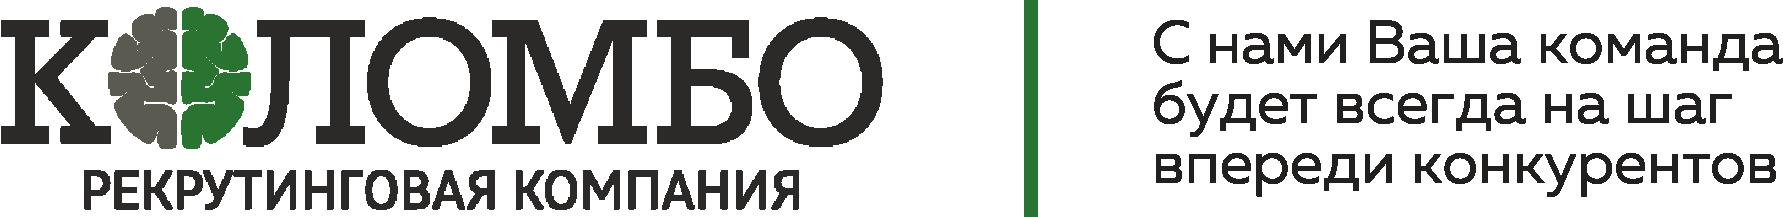 Коломбо. Рекрутинговое Агентство